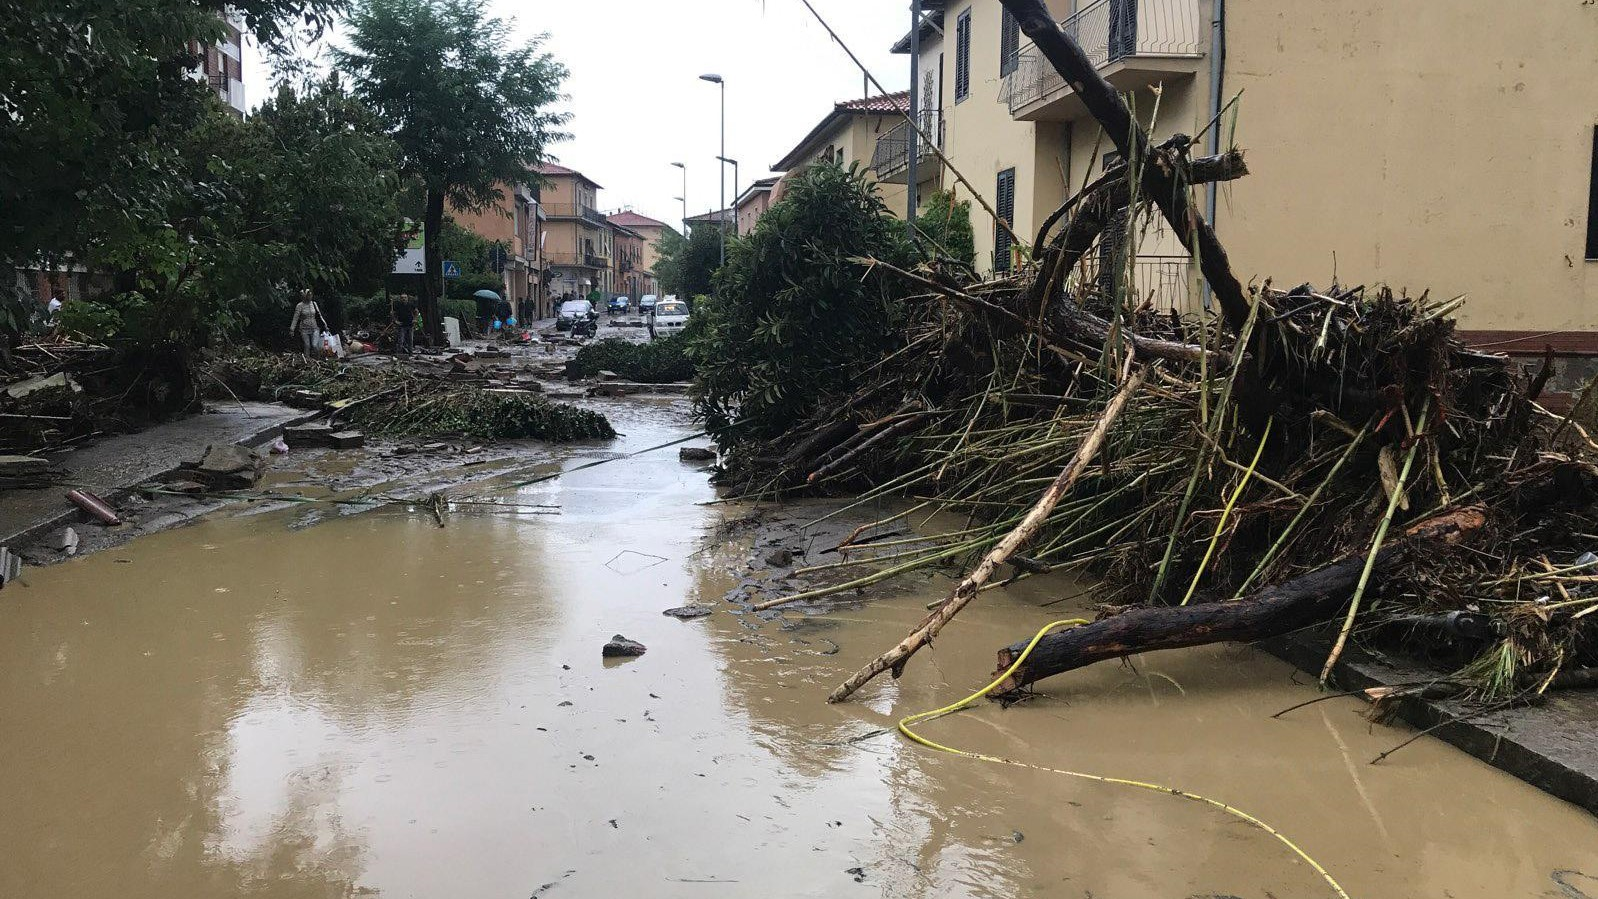 Chi sono le vittime dell'alluvione di Livorno